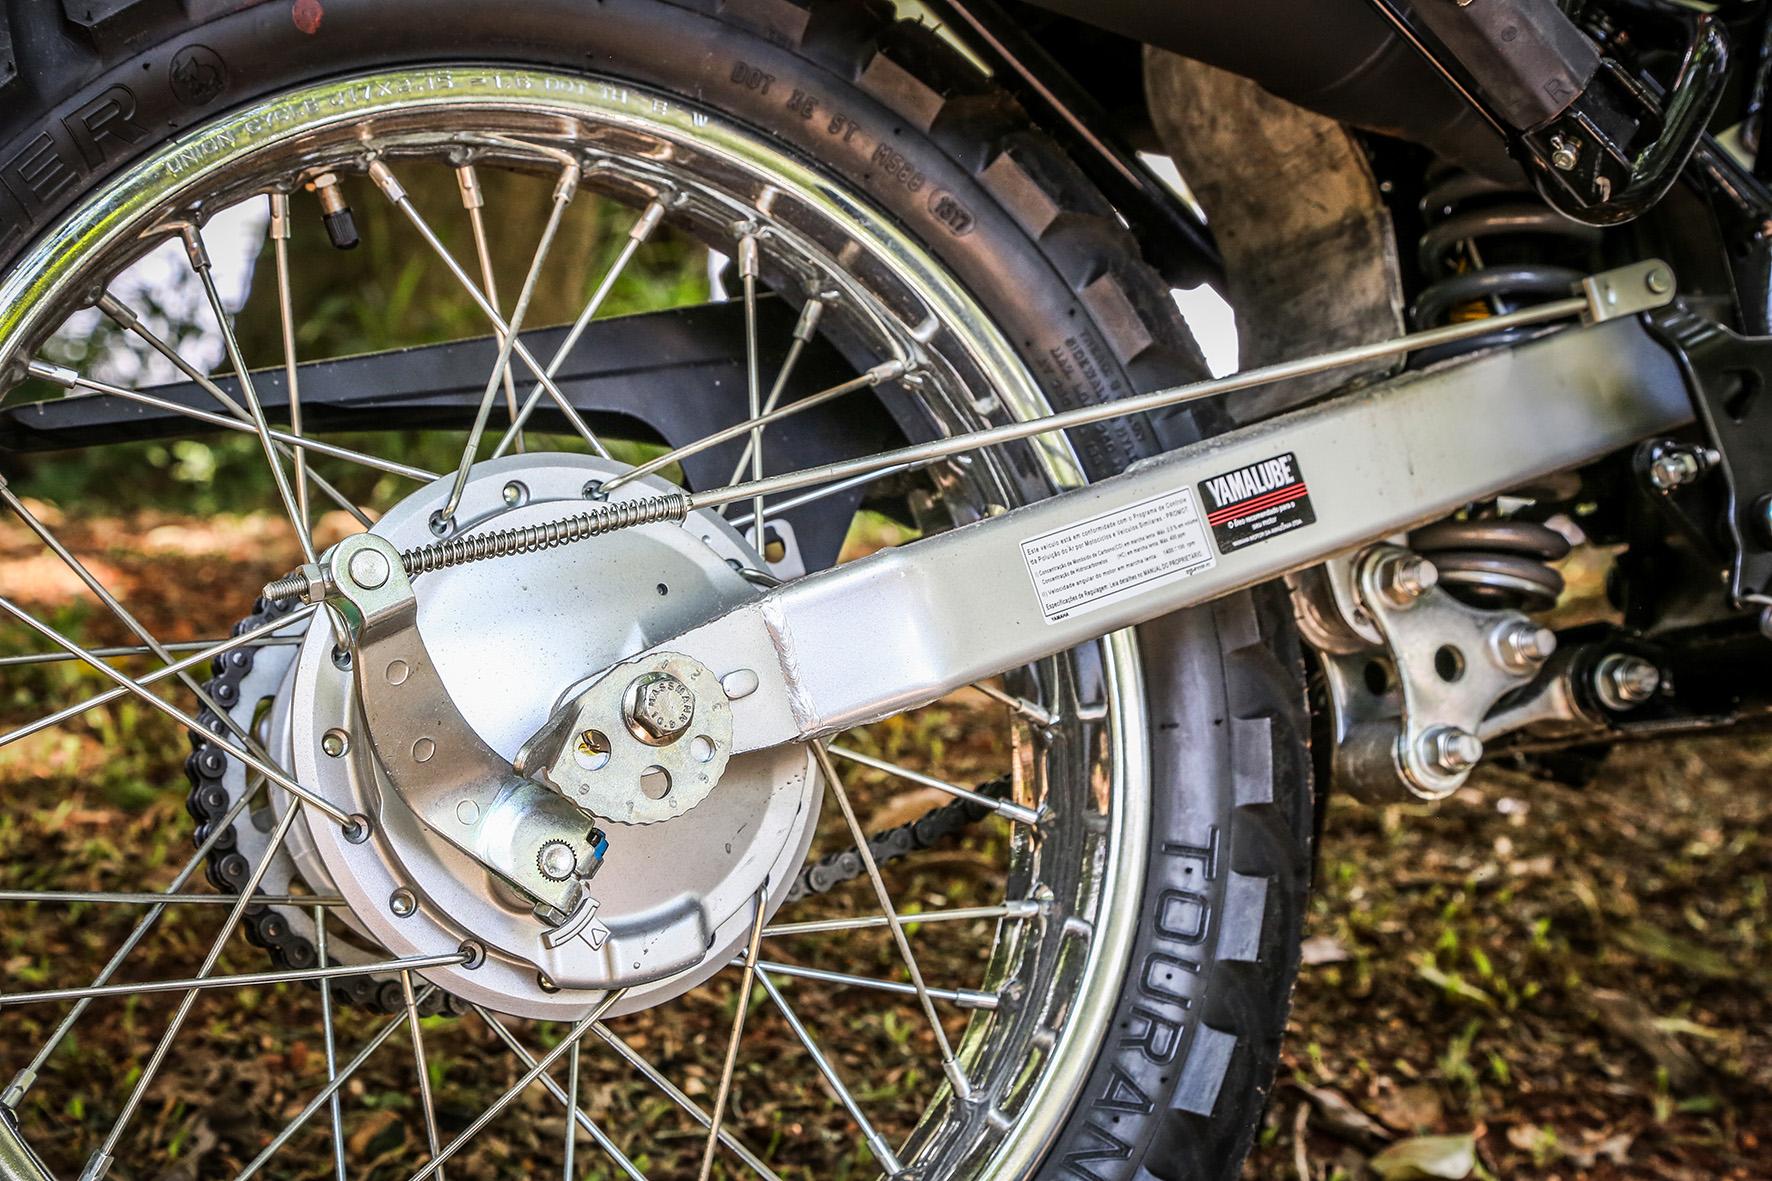 Na roda traseira aro 17, o freio é a tambor